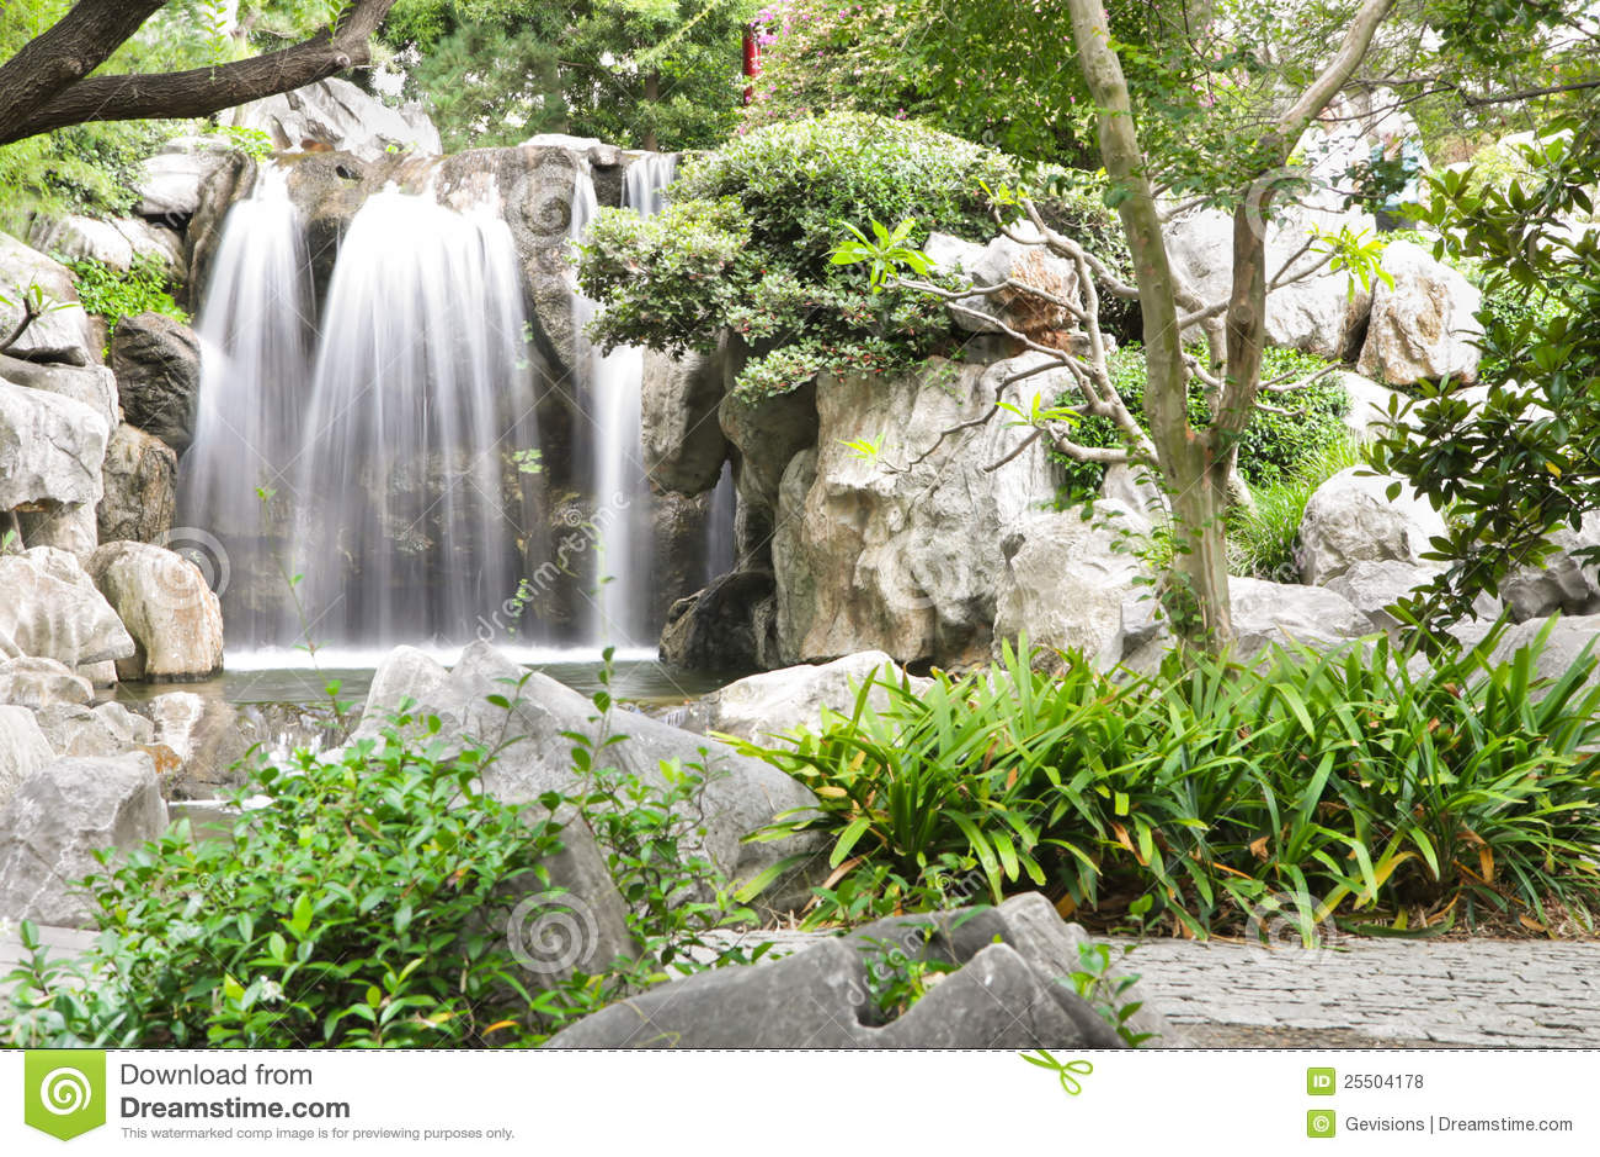 中国庭院瀑布图片